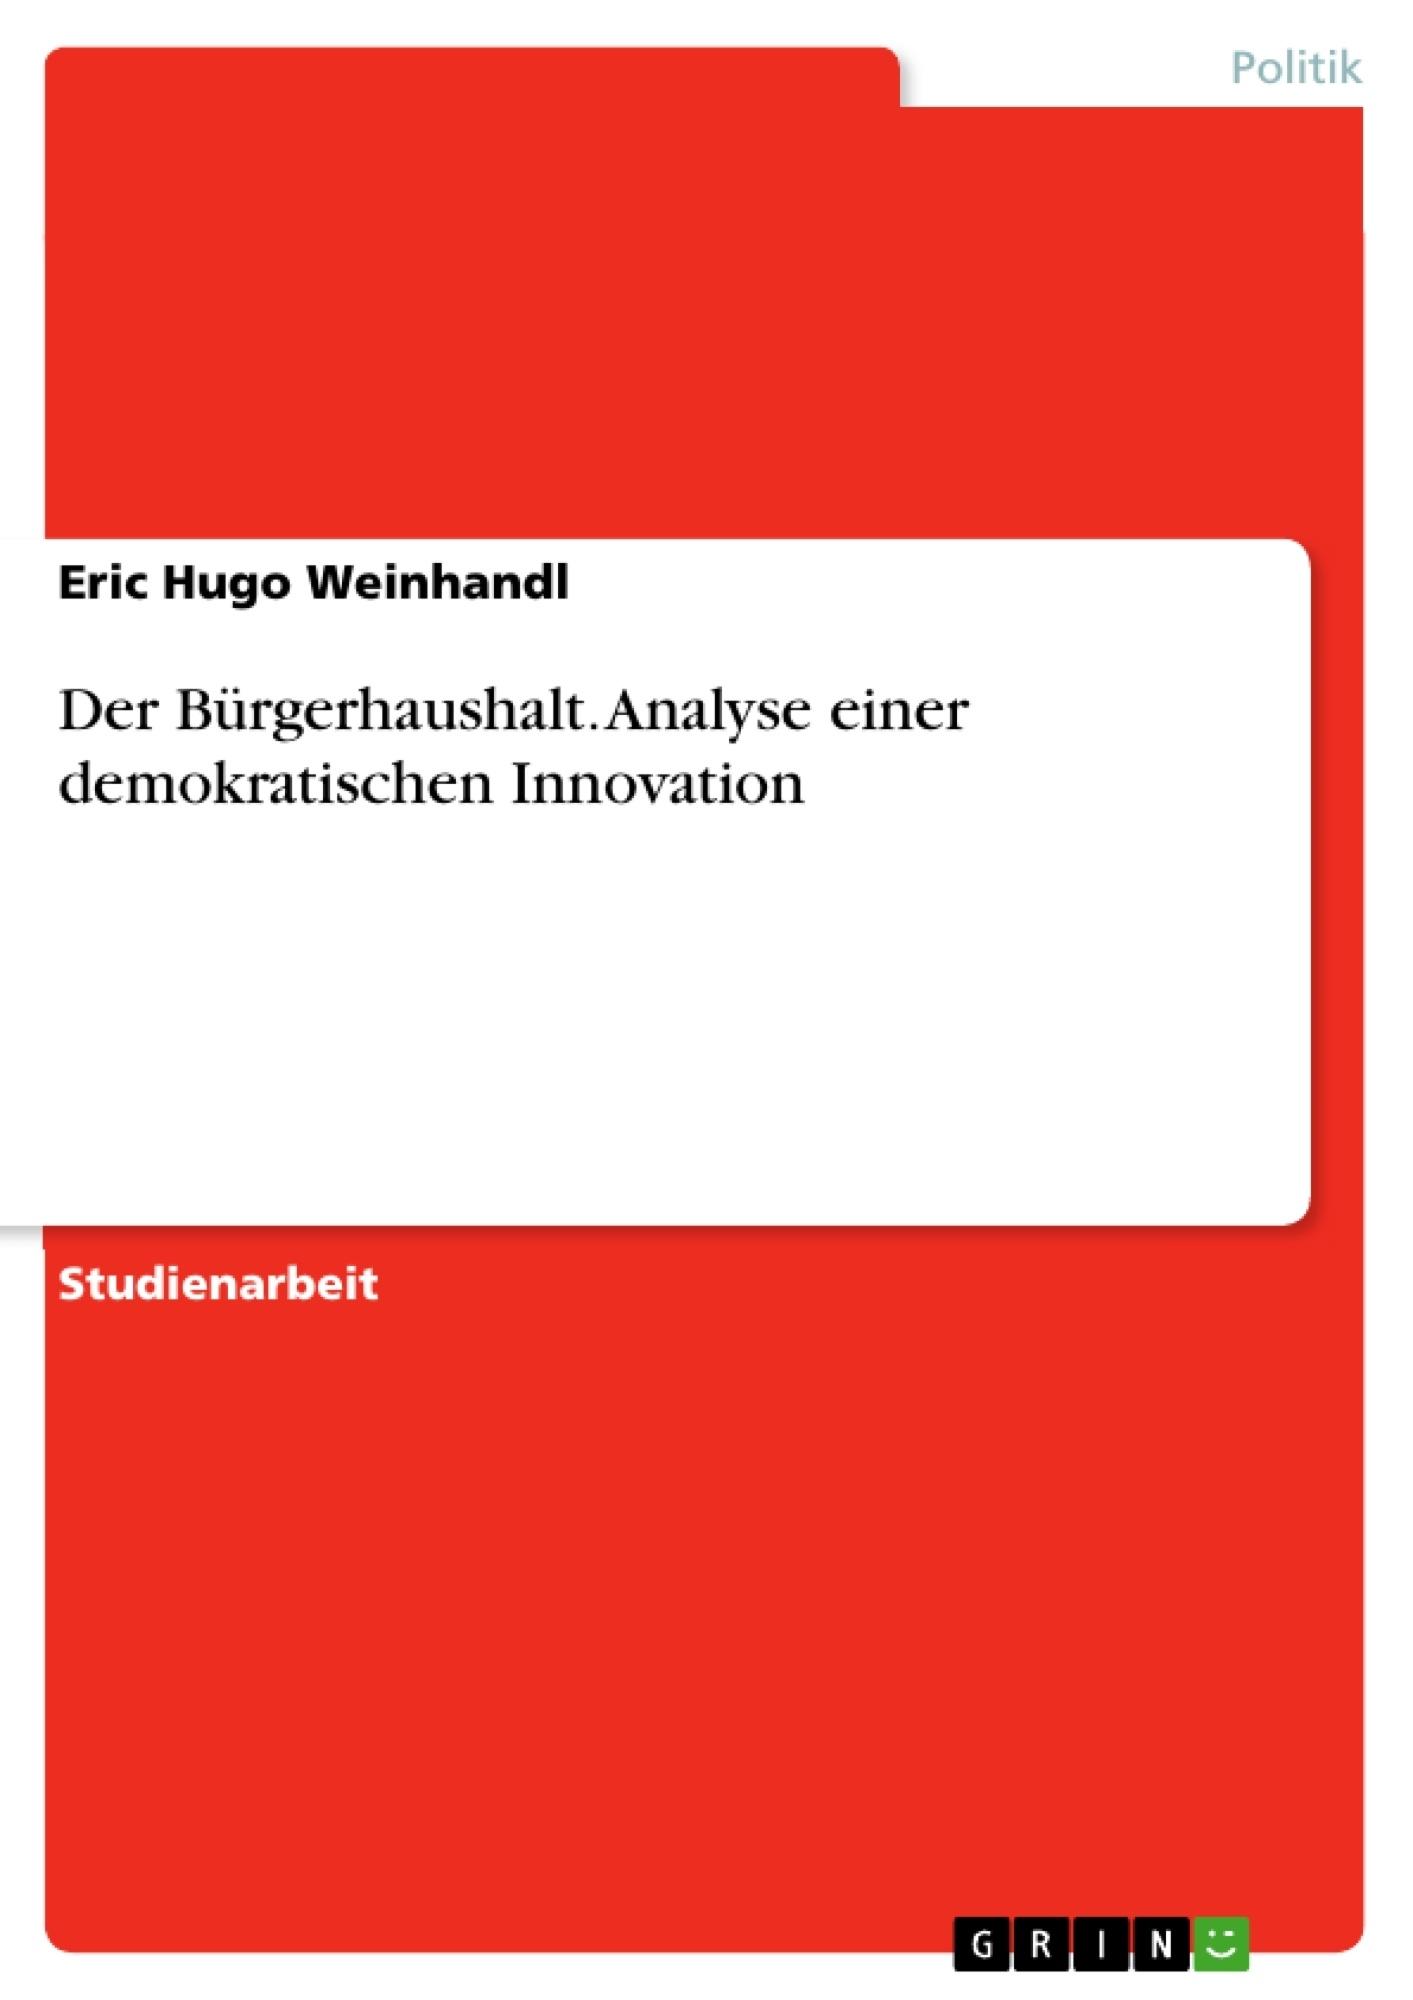 Titel: Der Bürgerhaushalt. Analyse einer demokratischen Innovation